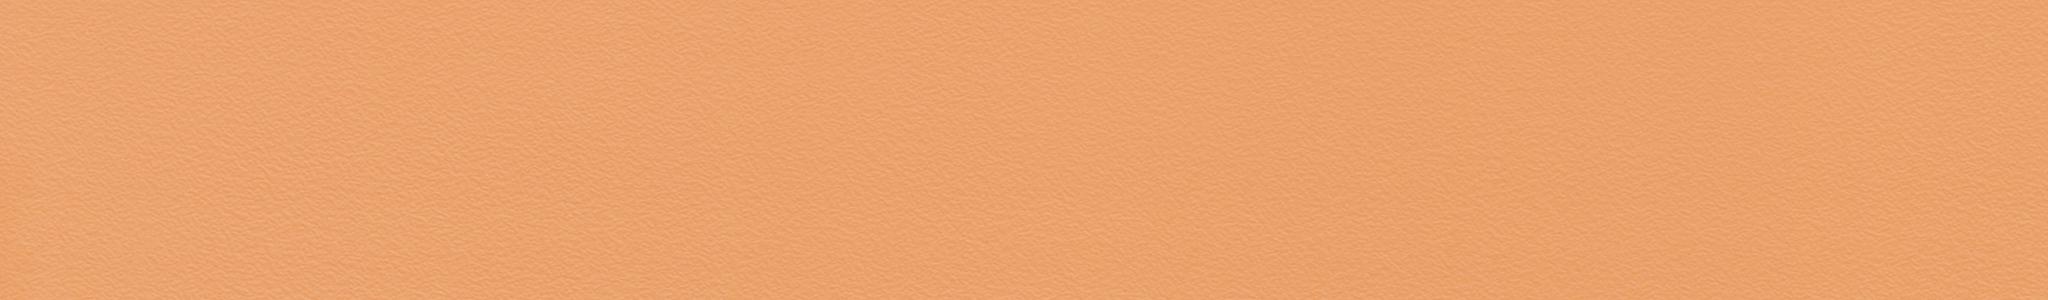 HU 146010 Кромка ABS Оранжевый - Шагрень XG